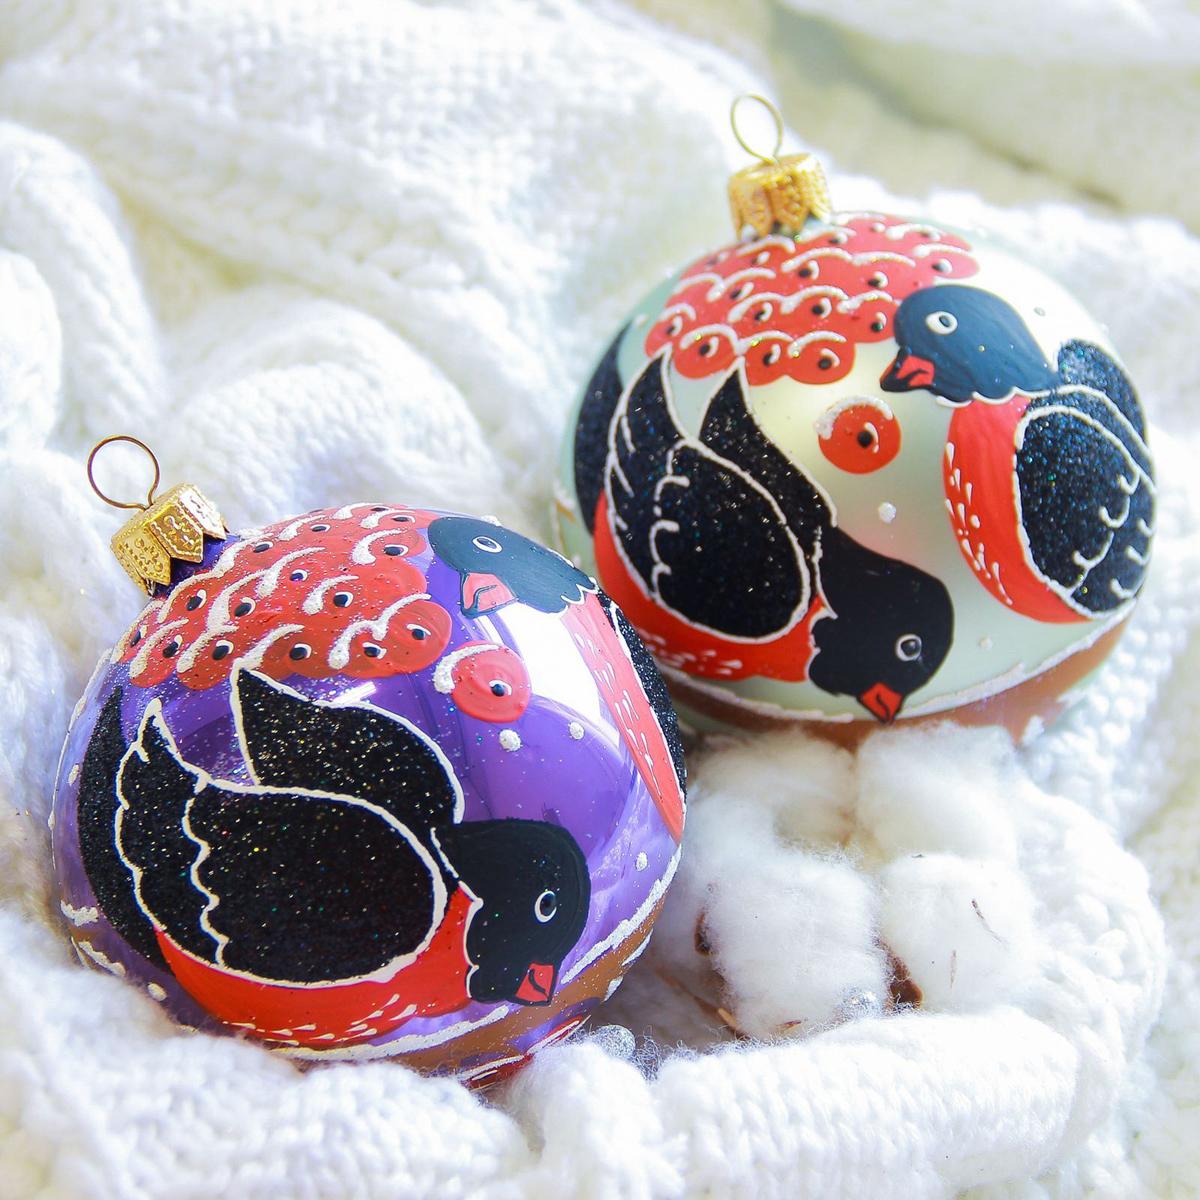 Украшение новогоднее елочное Иней Снегири, диаметр 8,5 см2555476Новогоднее подвесное украшение Иней отлично подойдет для декорации вашего дома и новогодней ели. Новогоднее украшение можно повесить в любом понравившемся вам месте. Но, конечно, удачнее всего оно будет смотреться на праздничной елке.Елочная игрушка - символ Нового года. Она несет в себе волшебство и красоту праздника. Такое украшение создаст в вашем доме атмосферу праздника, веселья и радости.